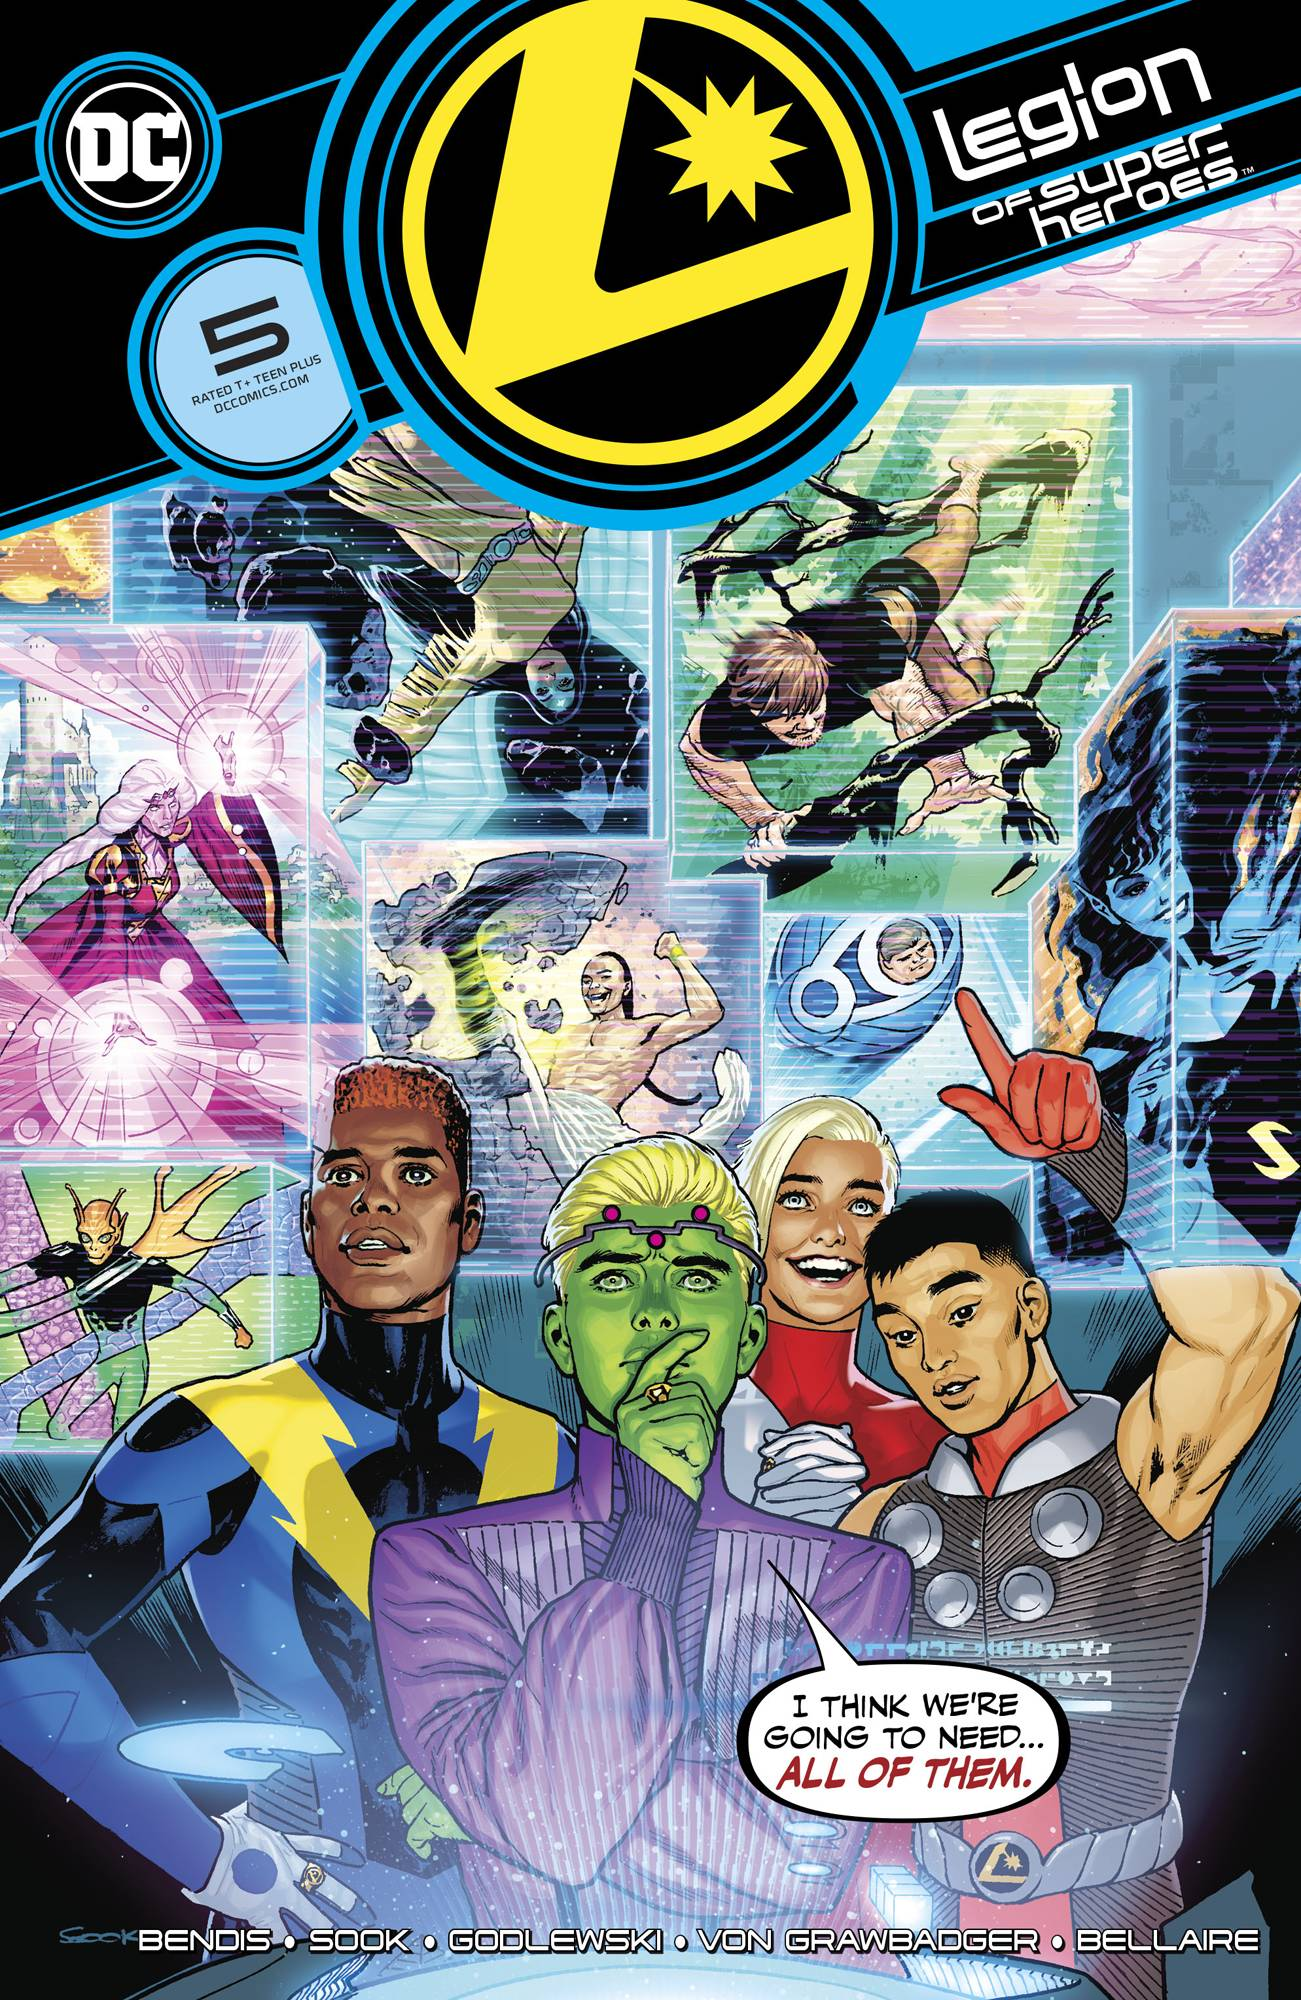 Legion of Super Heroes #5